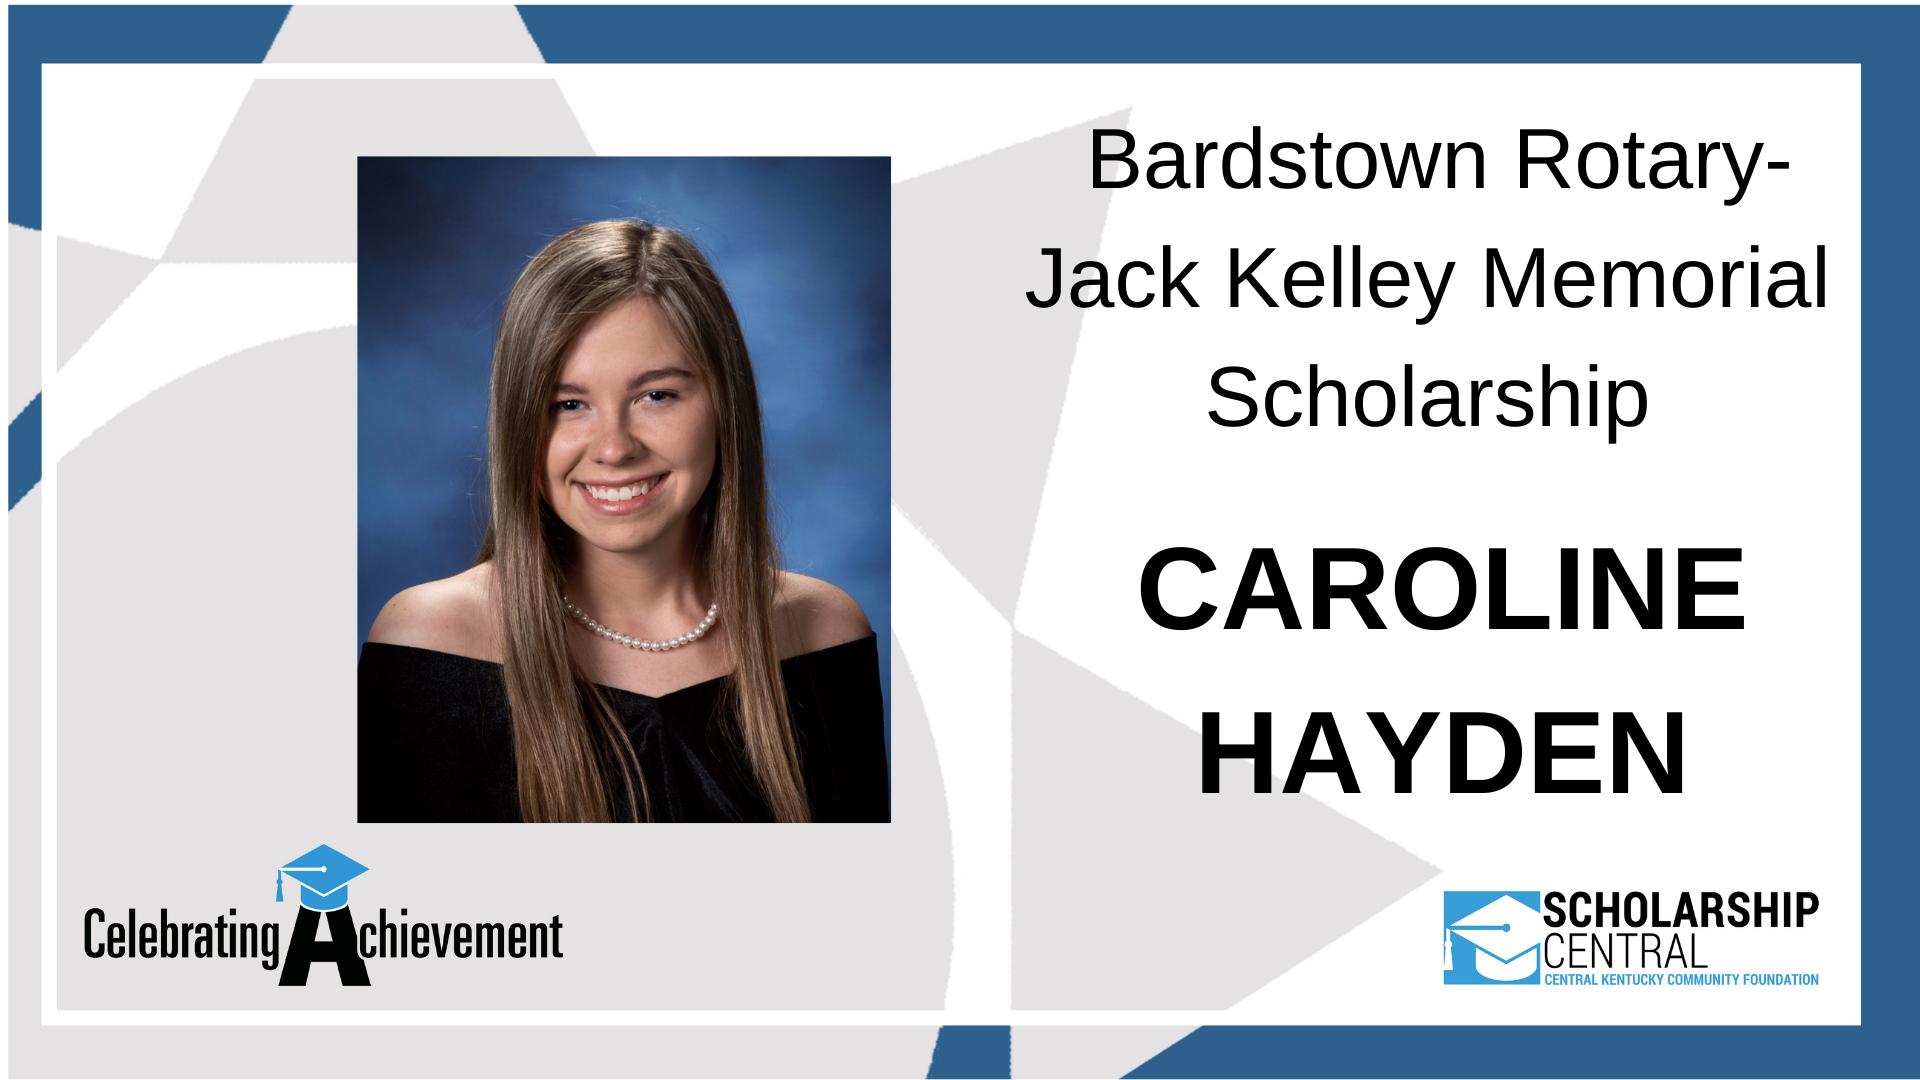 Bardstown Rotary Jack Kelley Memorial Scholarship Winner